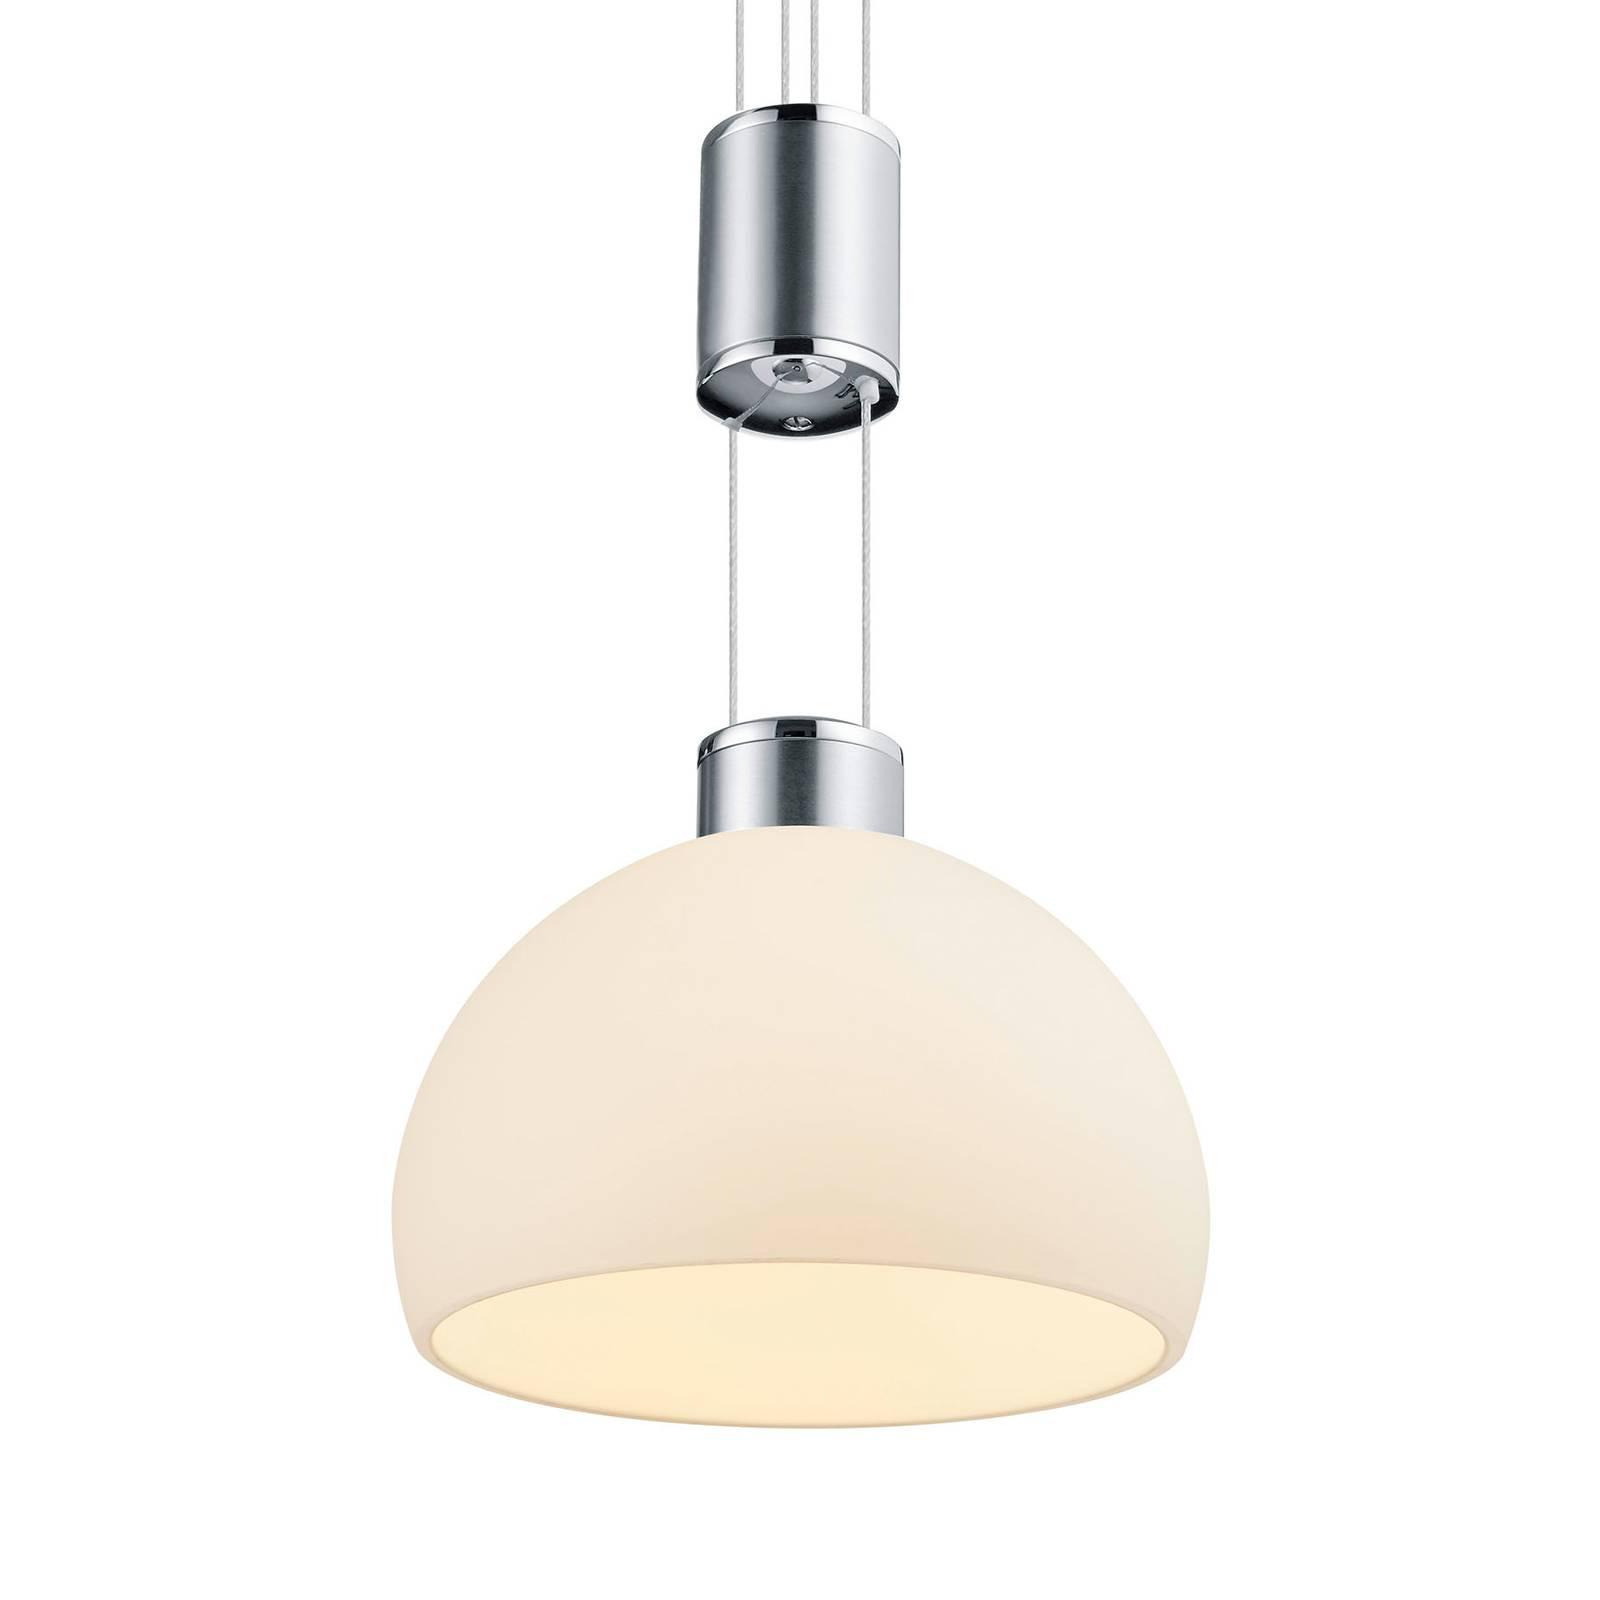 BANKAMP Meisterwerke -riippulamppu 3-lamp. nikkeli